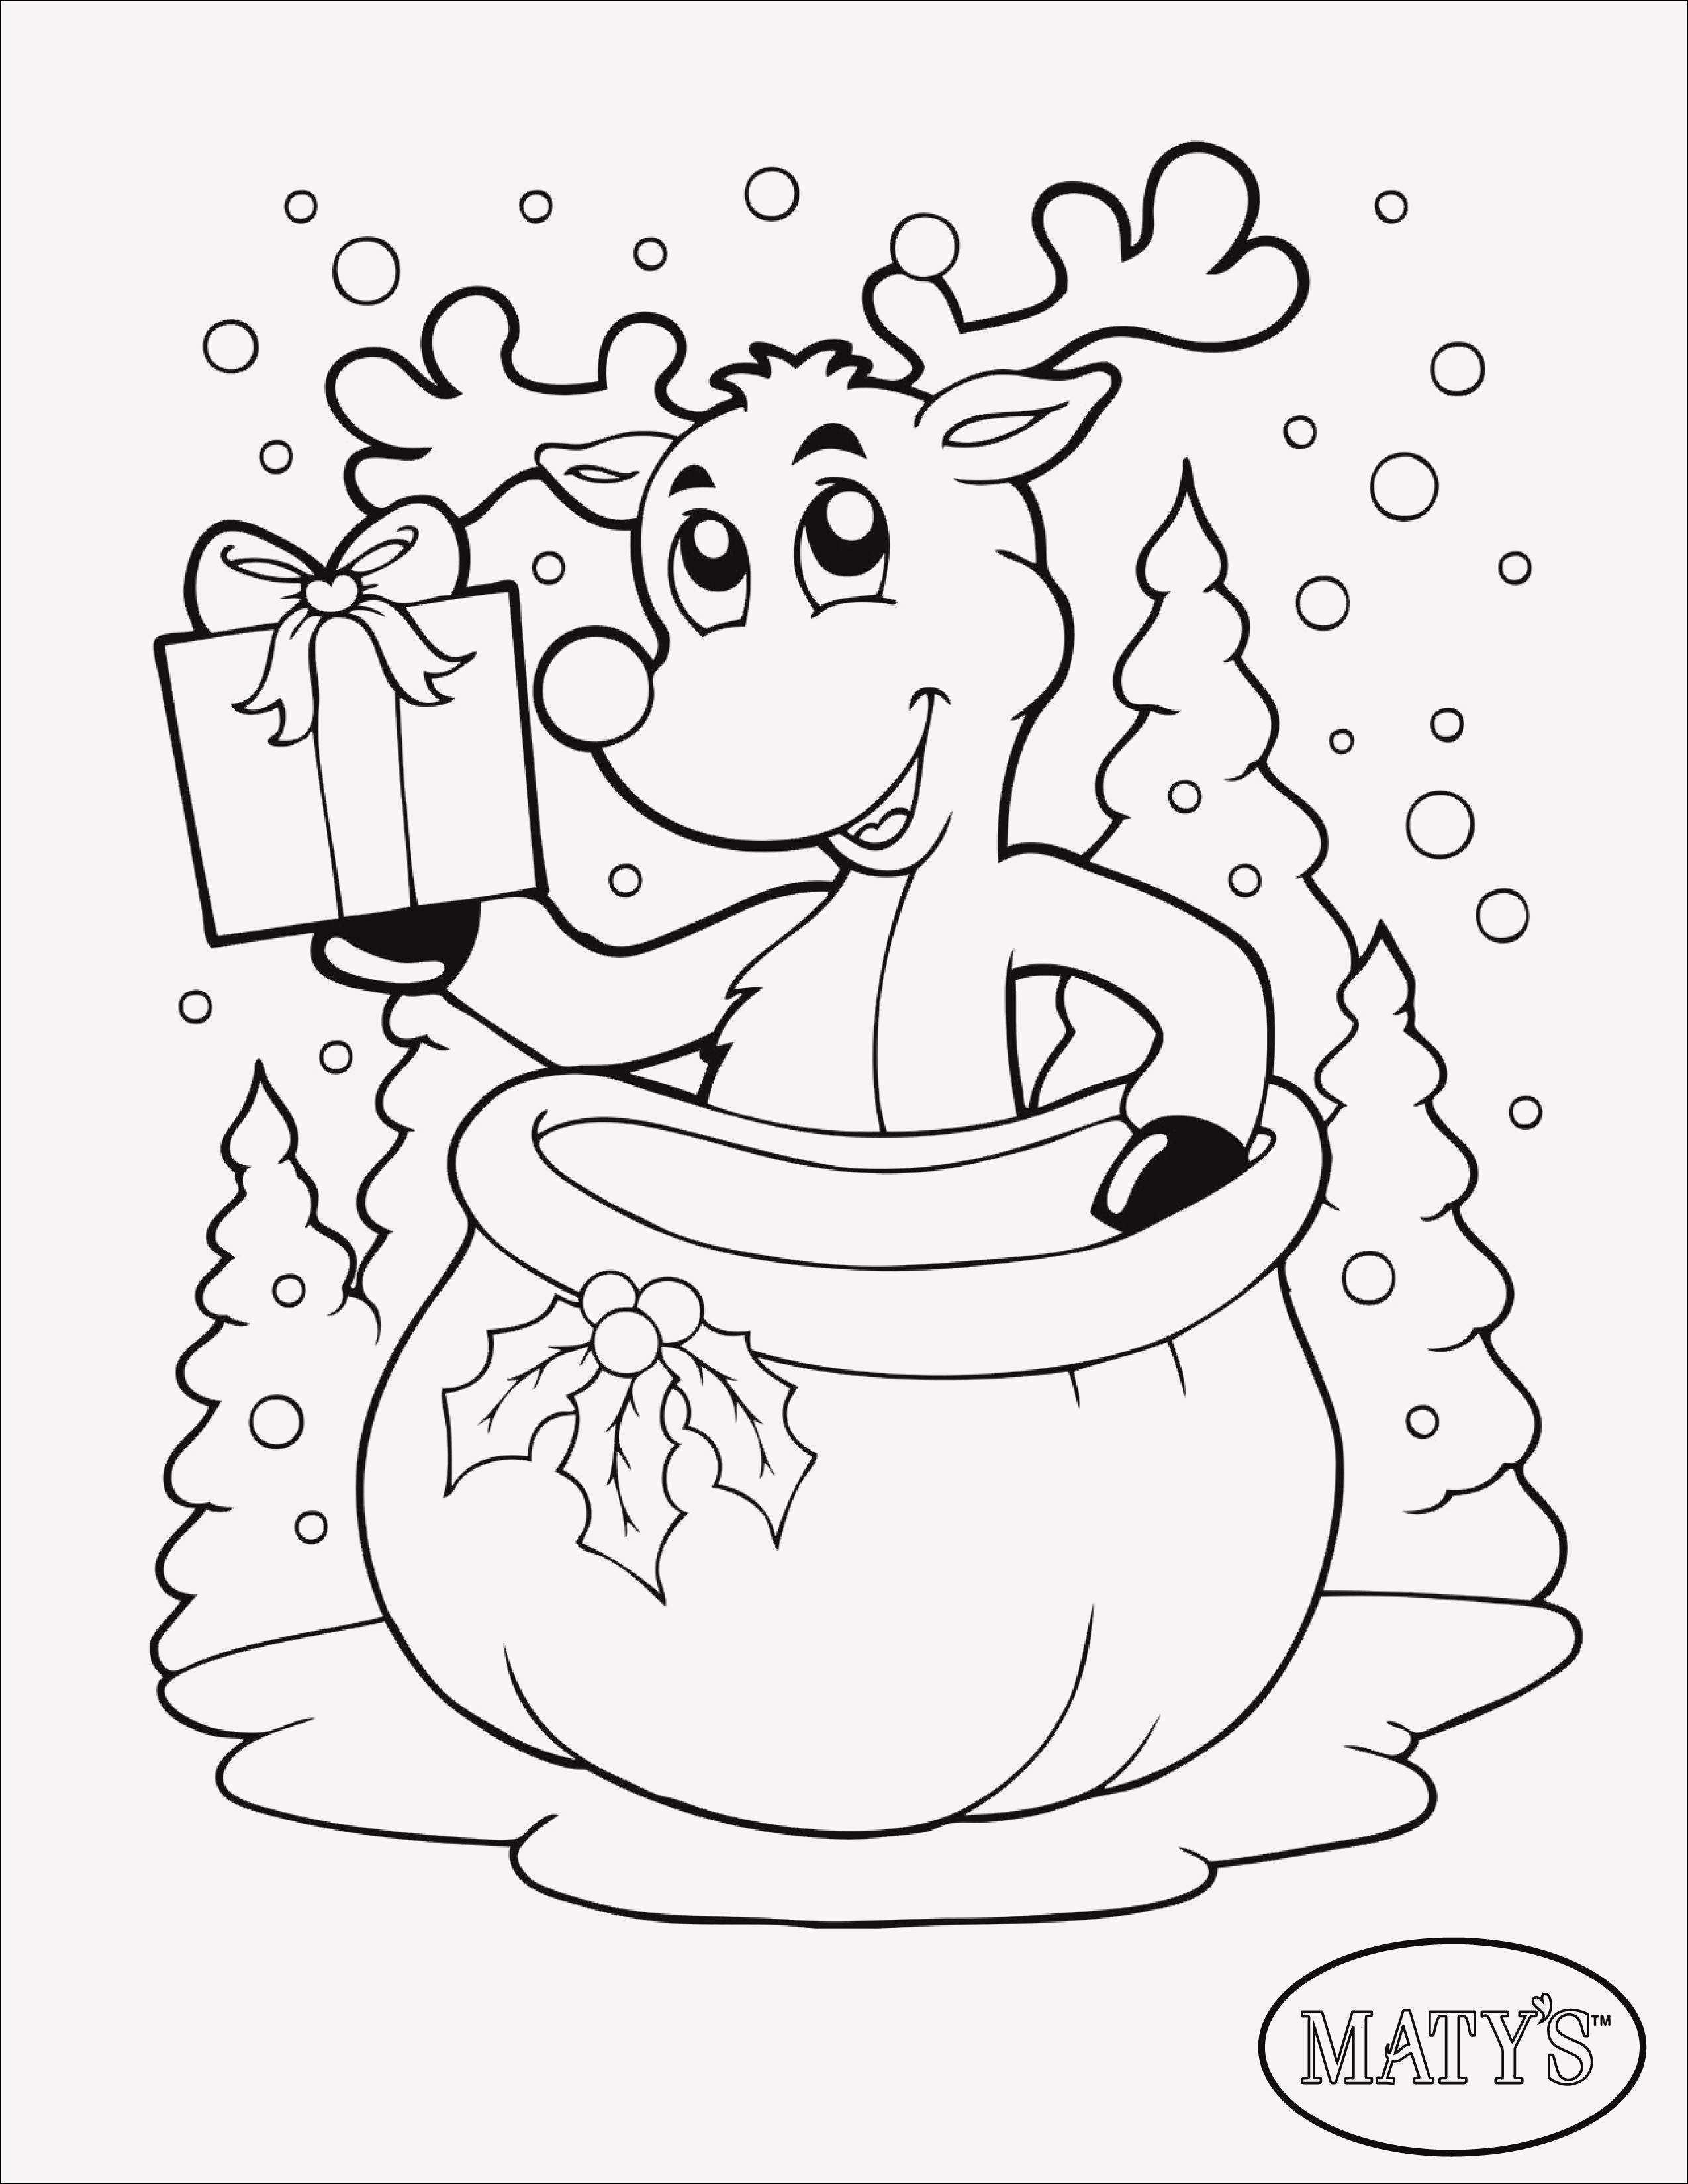 Ausmalbilder Weihnachten Teddy Genial Ausmalbilder Kinder Grundschule Kostenlos Zum Ausdrucken Bilder